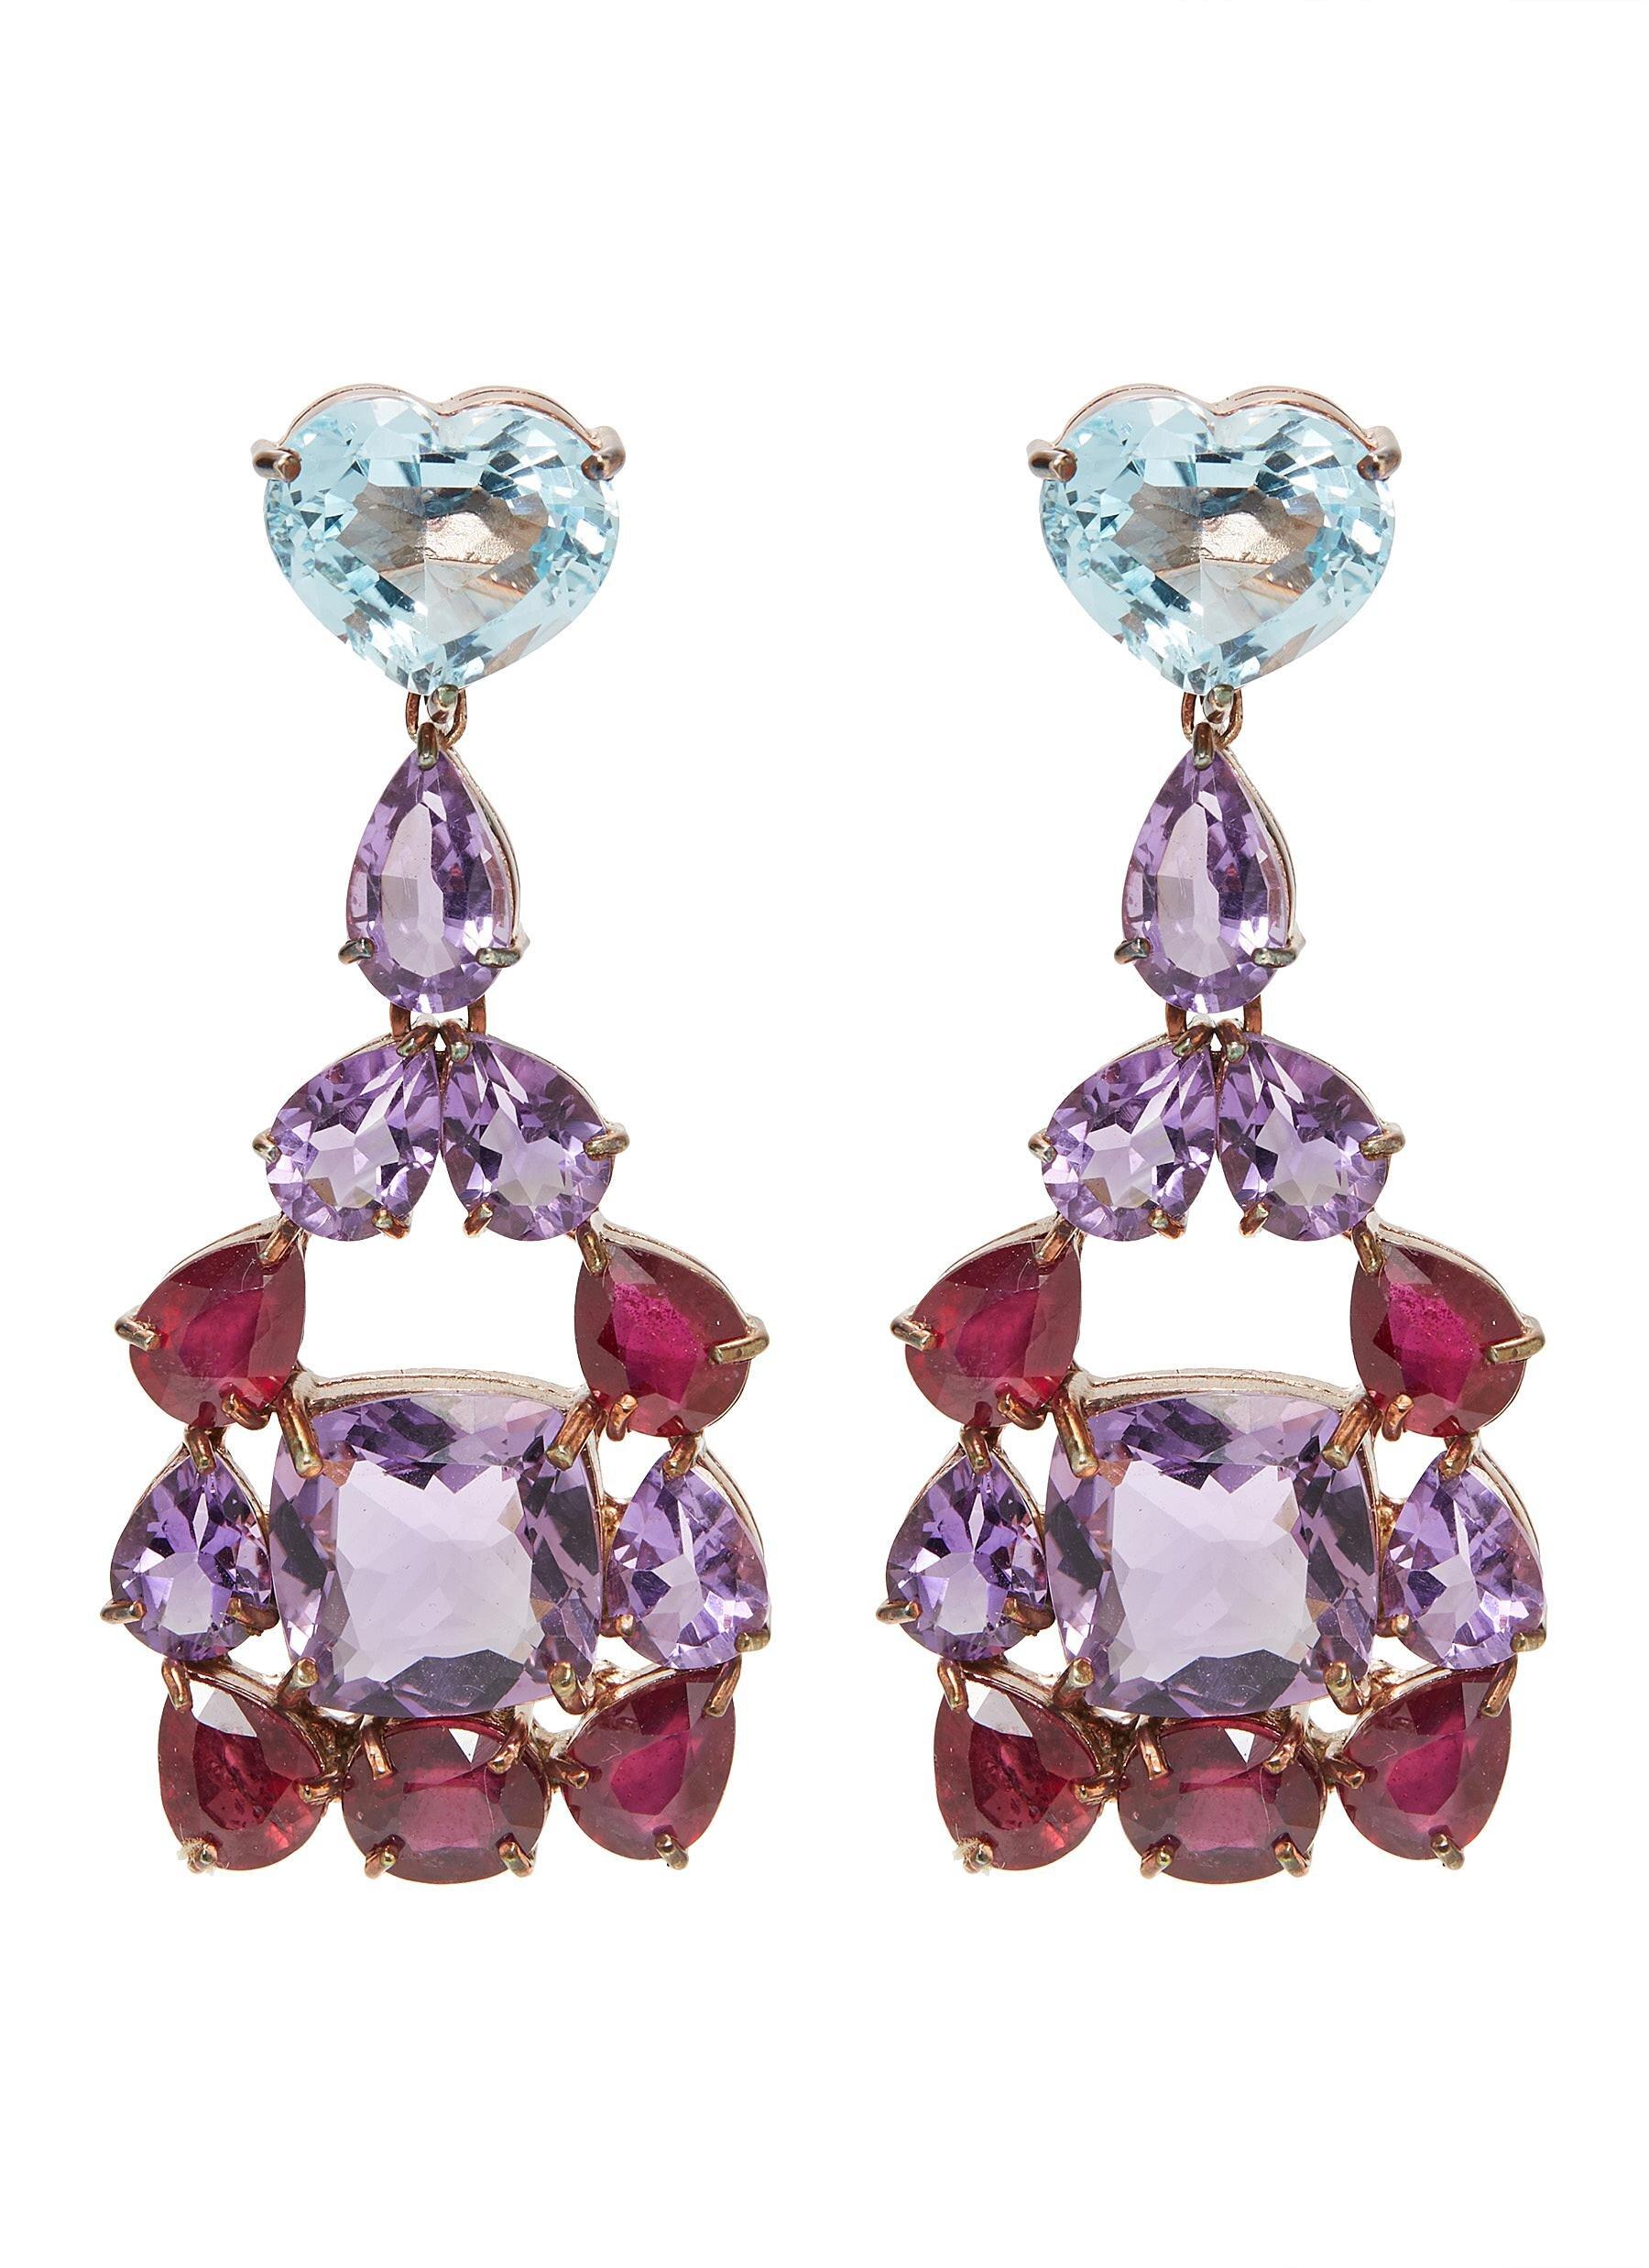 Butler & Wilson 'heart' Ruby Topaz Amethyst Drop Earrings  HKD$7,690